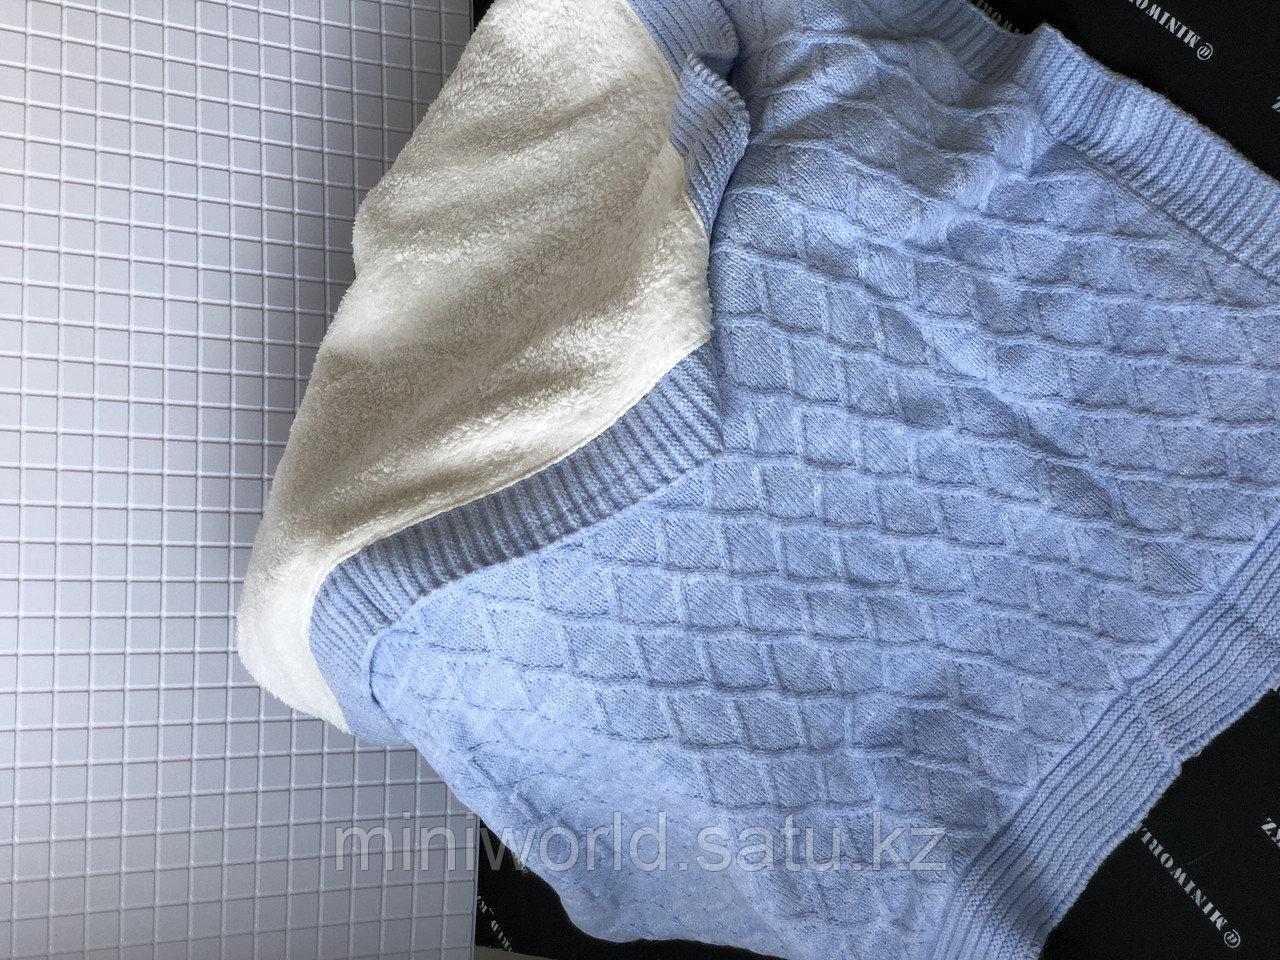 Тёплый плед на велсофте для малышей вязаный - фото 2